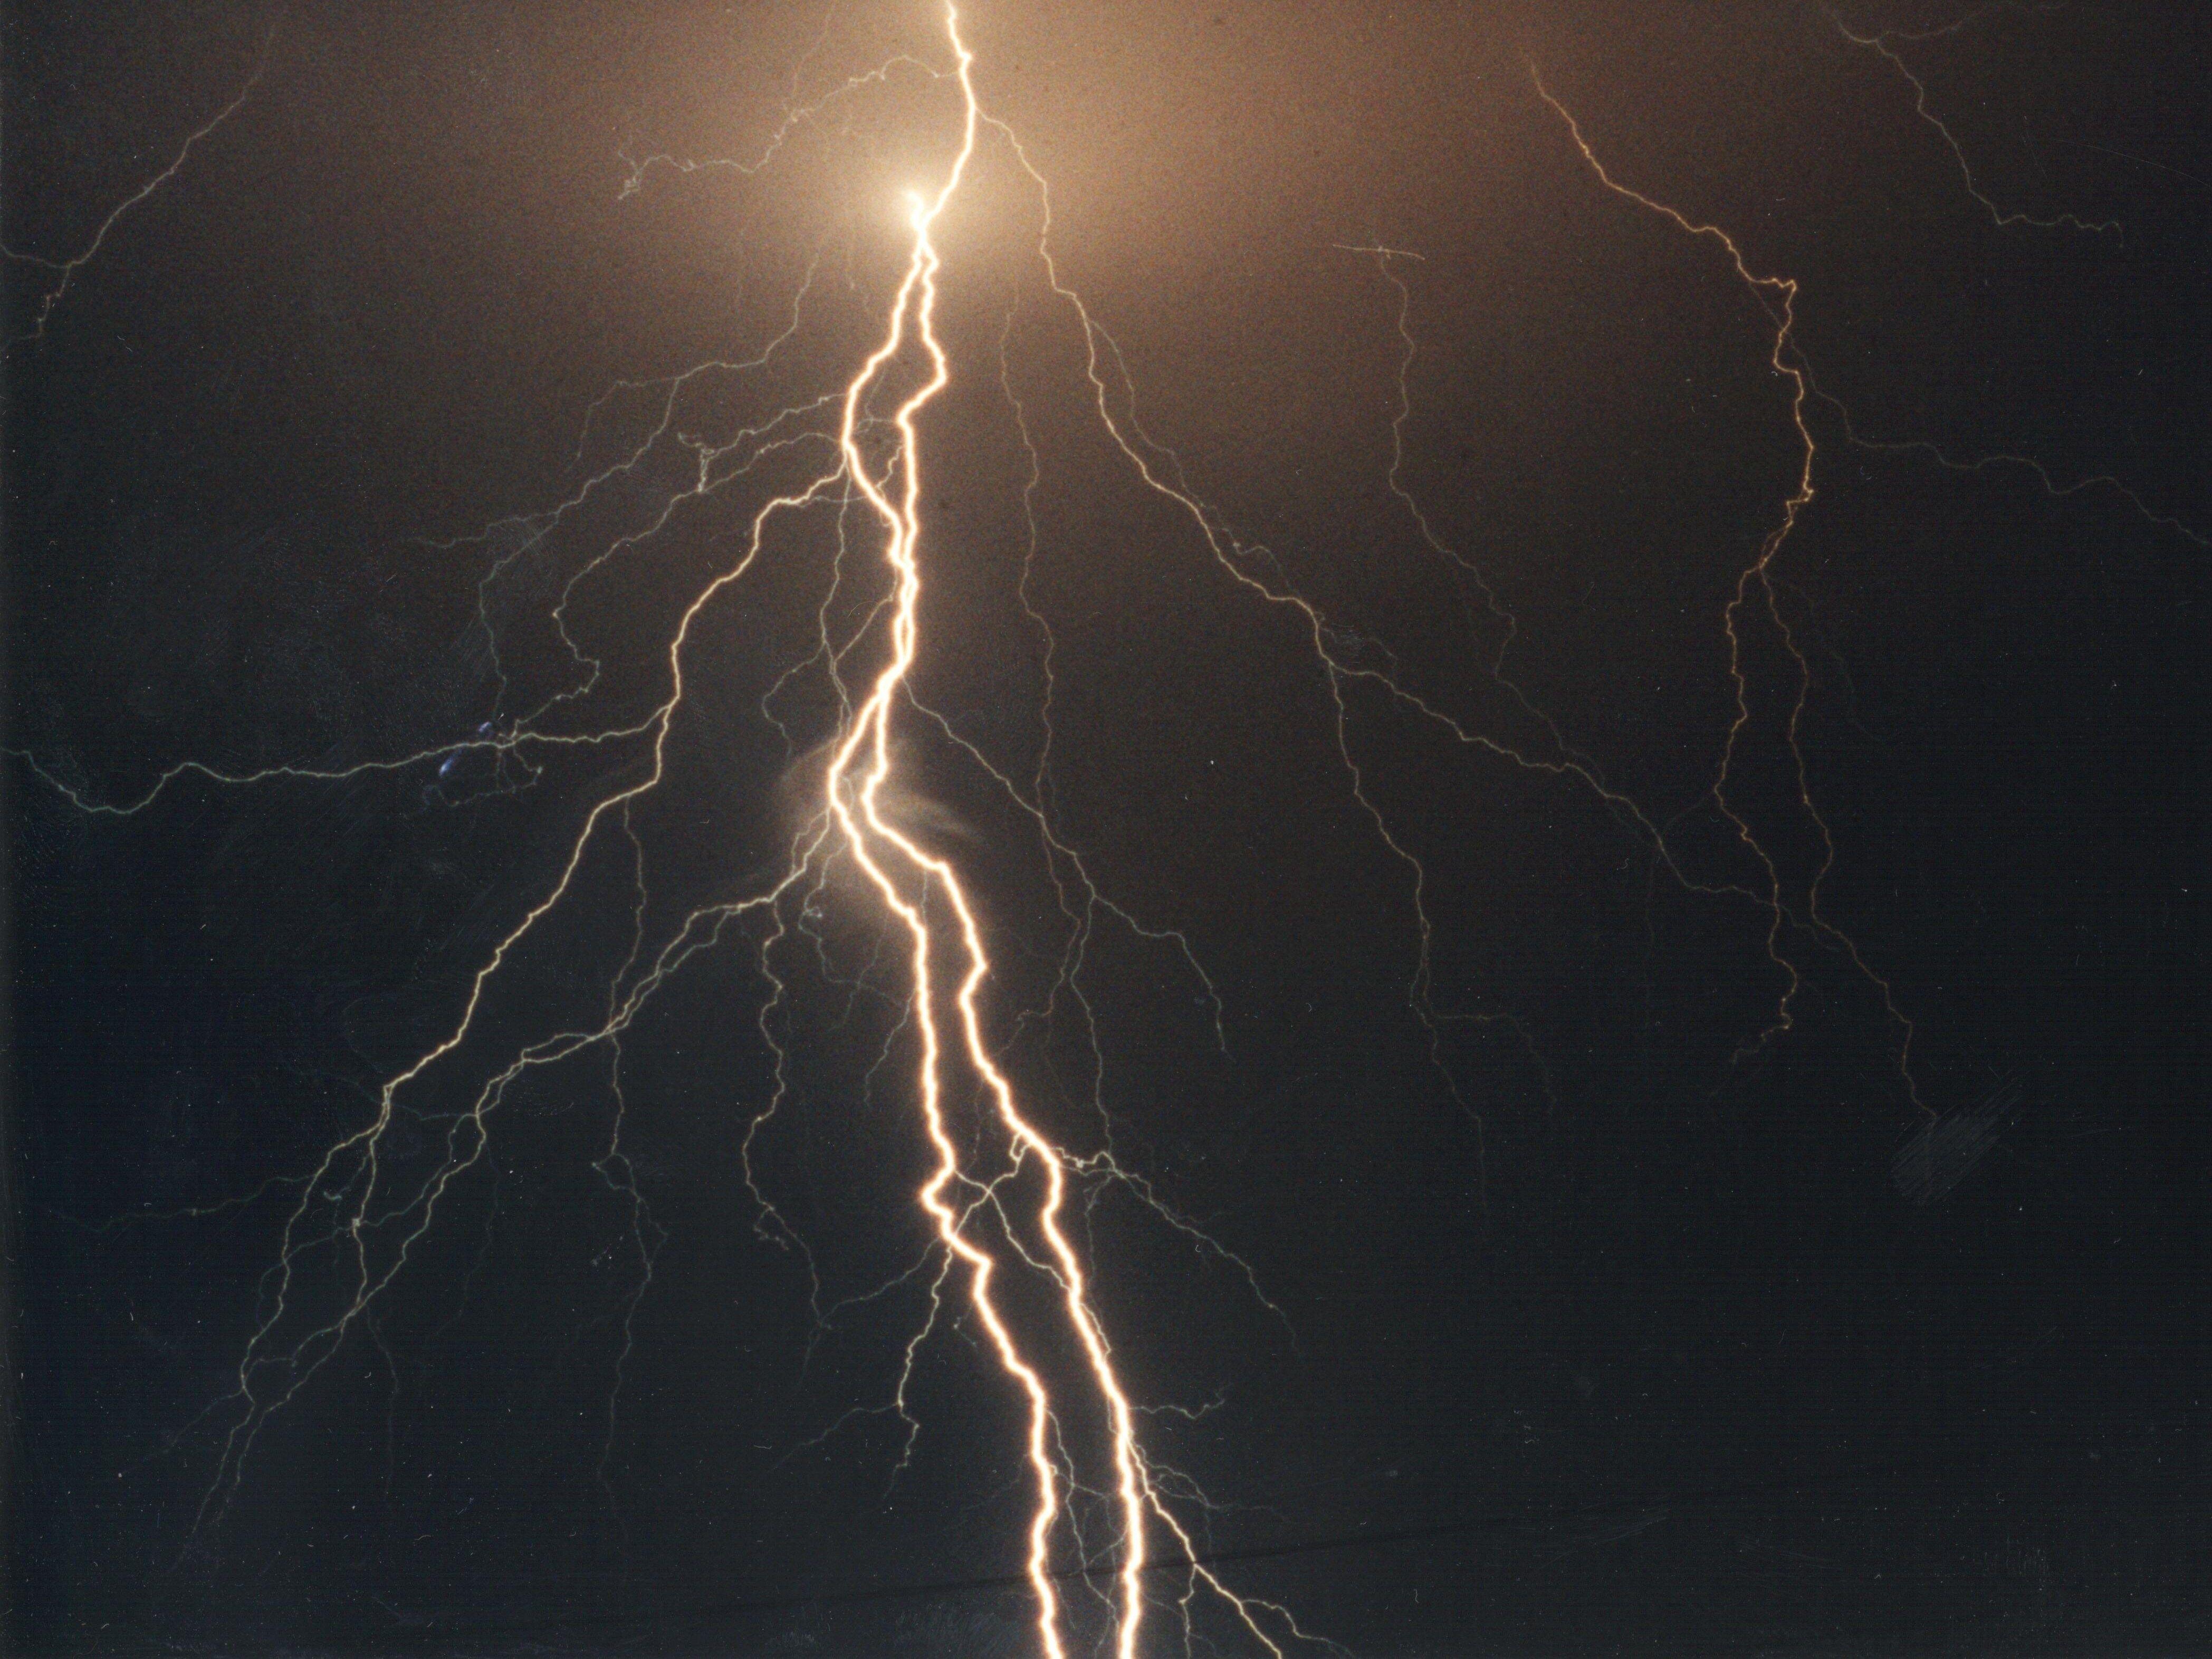 Full Size Lightning